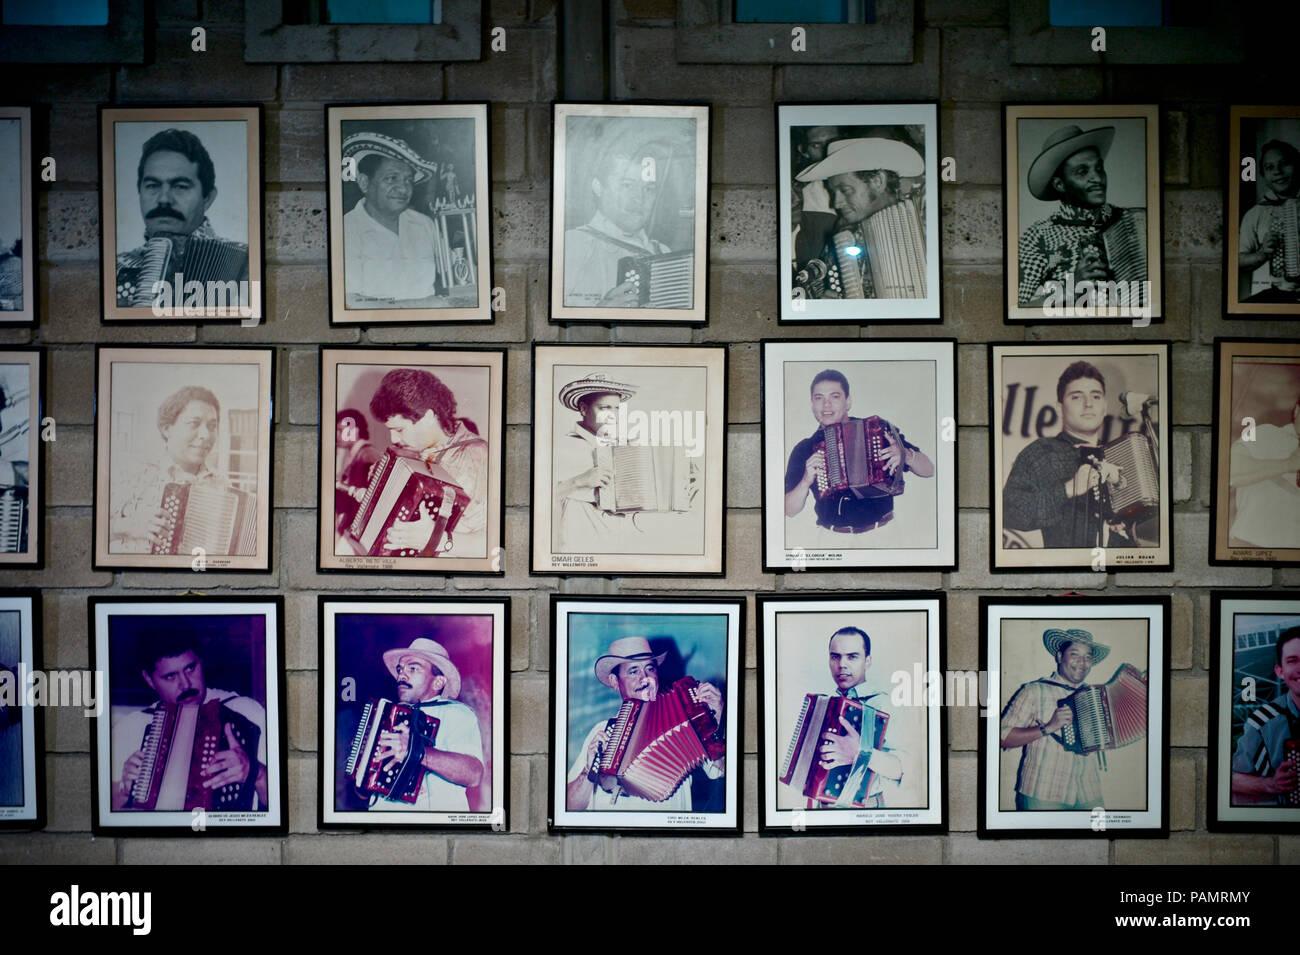 Fotografías de los mejores jugadores de vallenato y compositores en la fundación del Festival del Vallenato, Valledupar Foto de stock